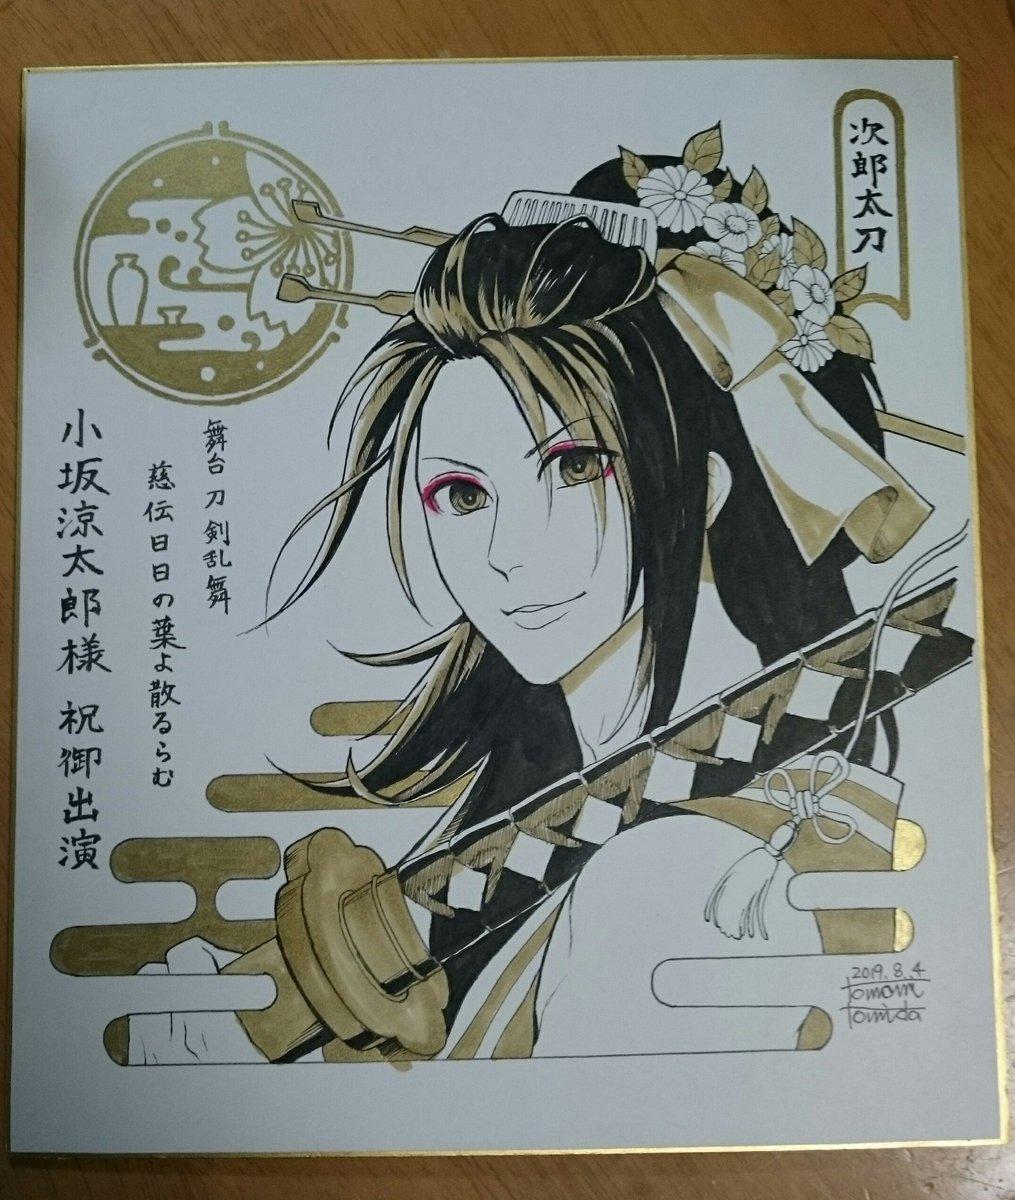 舞台「刀剣乱舞」慈伝 日日の葉よ散るらむ BD/DVD発売されたのと、次郎太刀役の小坂涼太郎さんに贈ったイラスト色紙撮ってあったの思い出したので、これです。